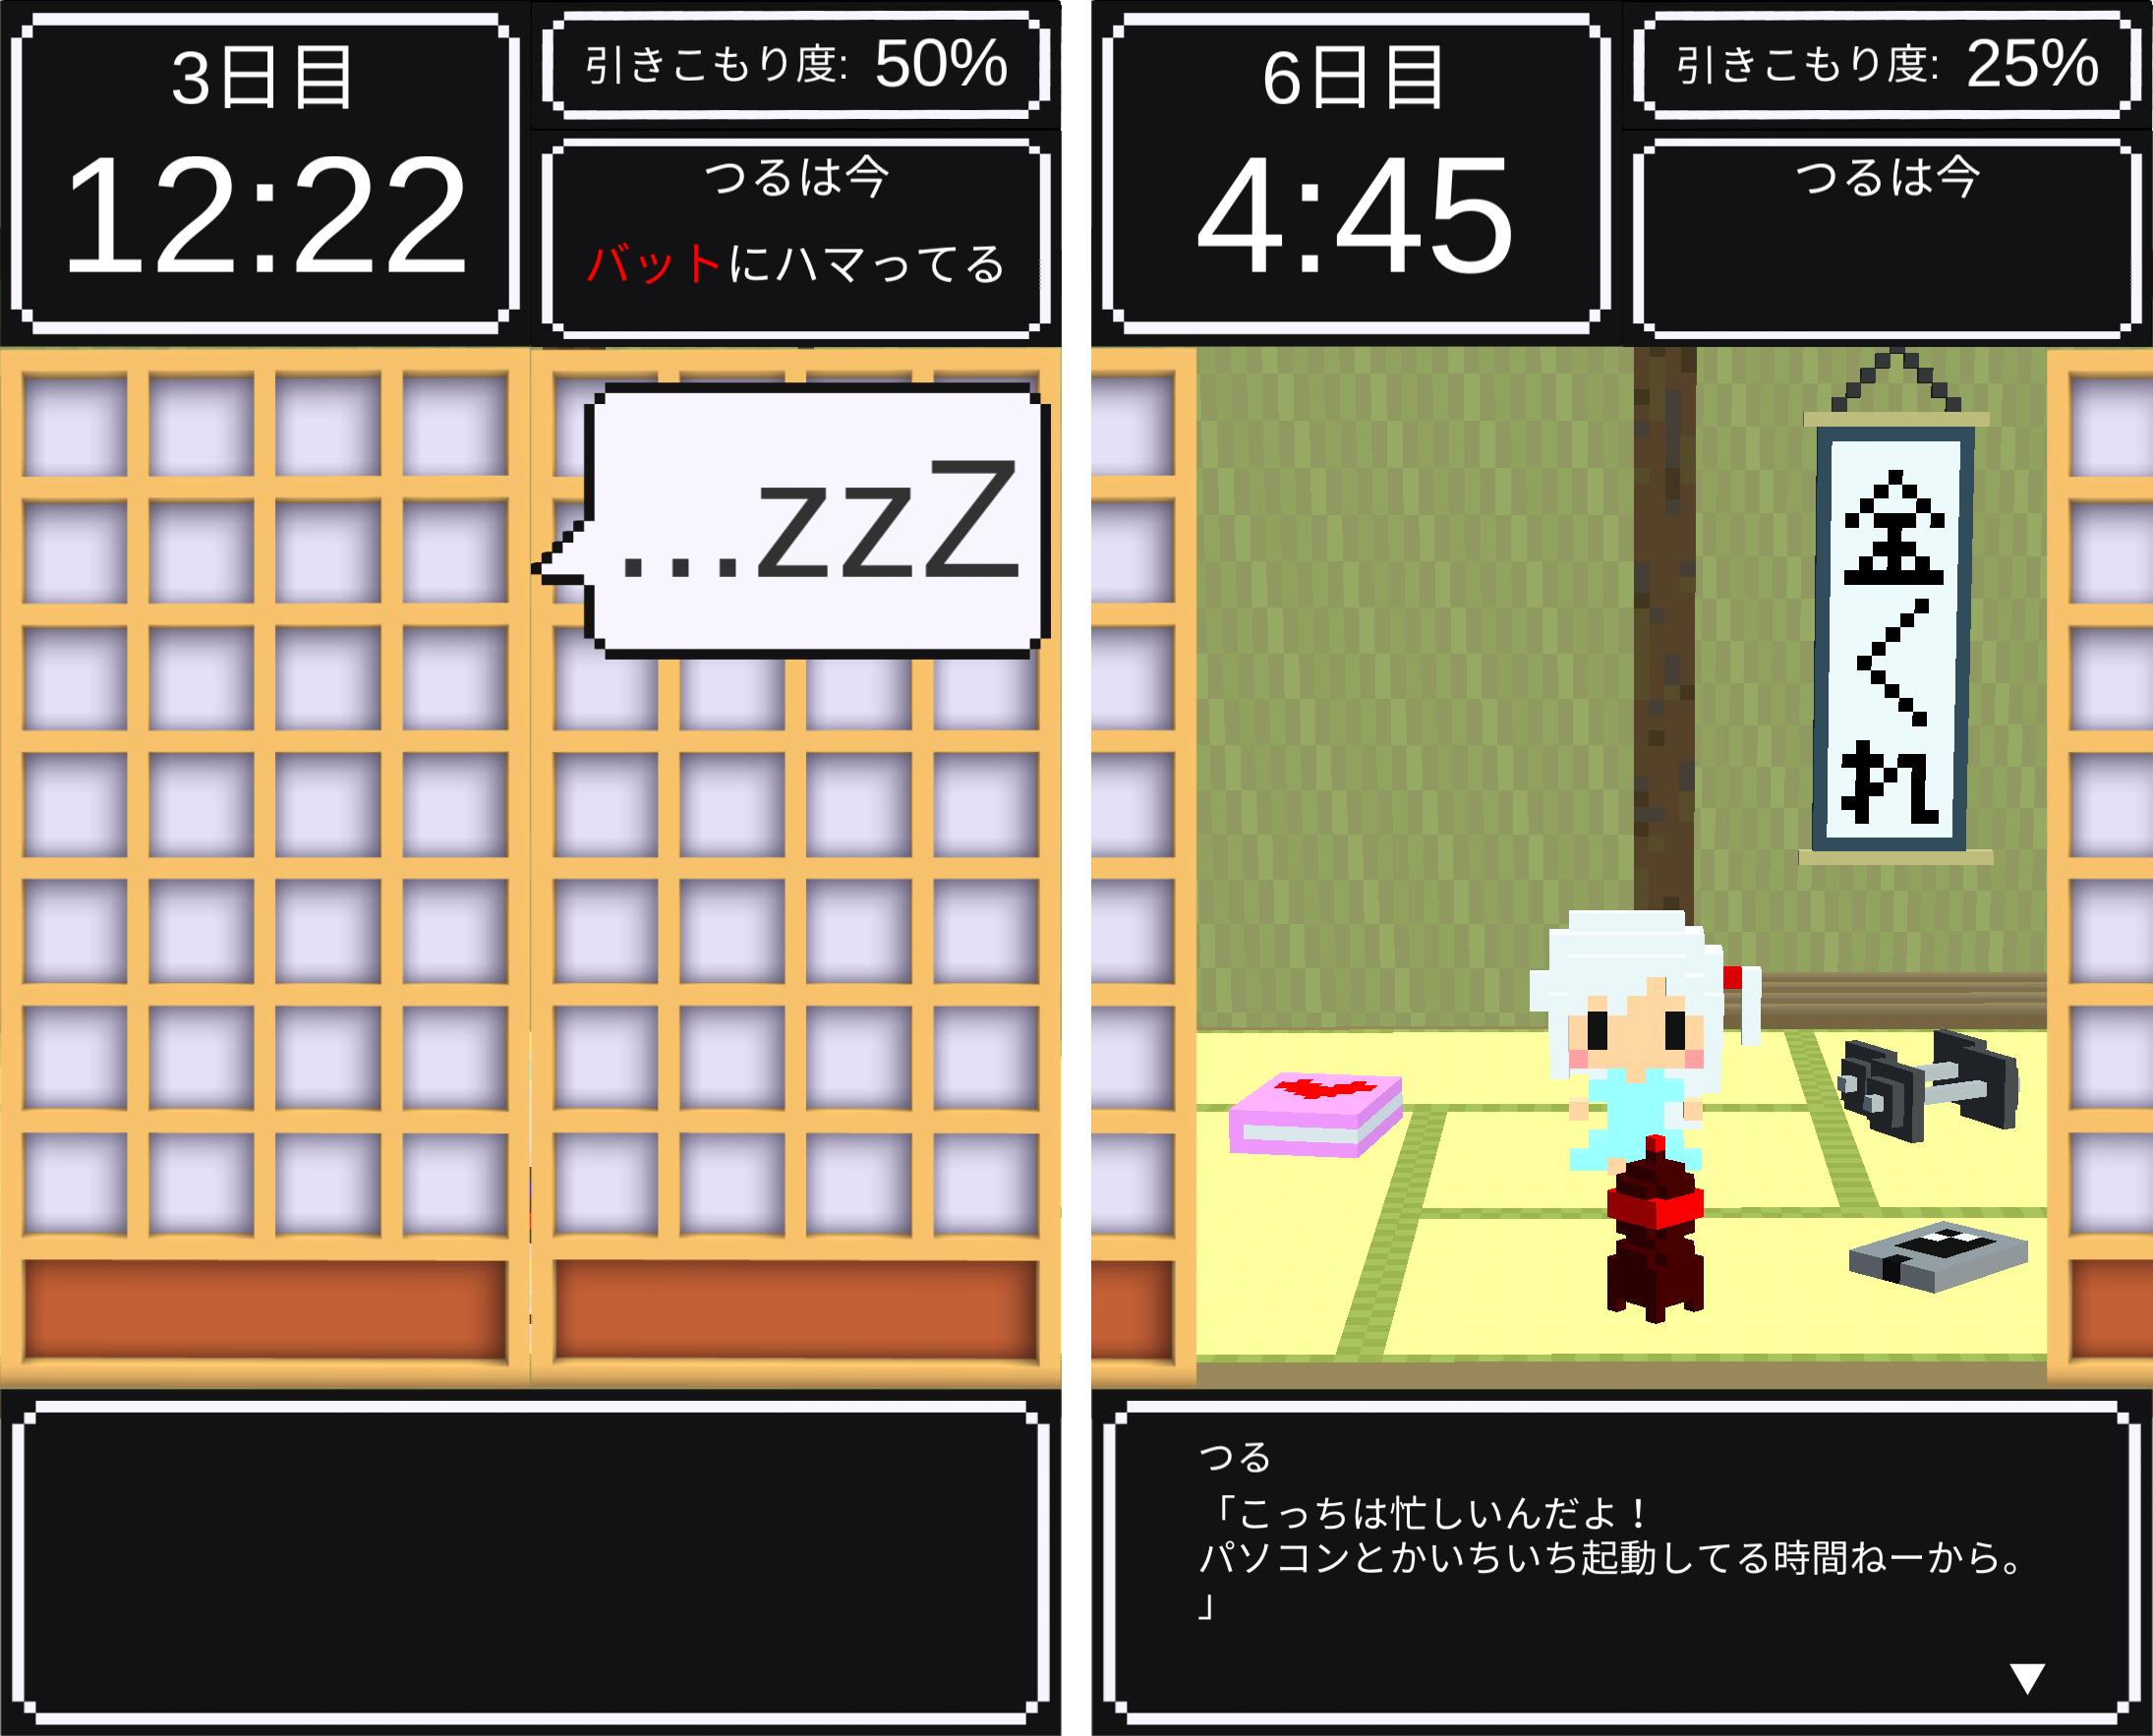 鶴の恩返し -つるVSジジイ- androidアプリスクリーンショット3